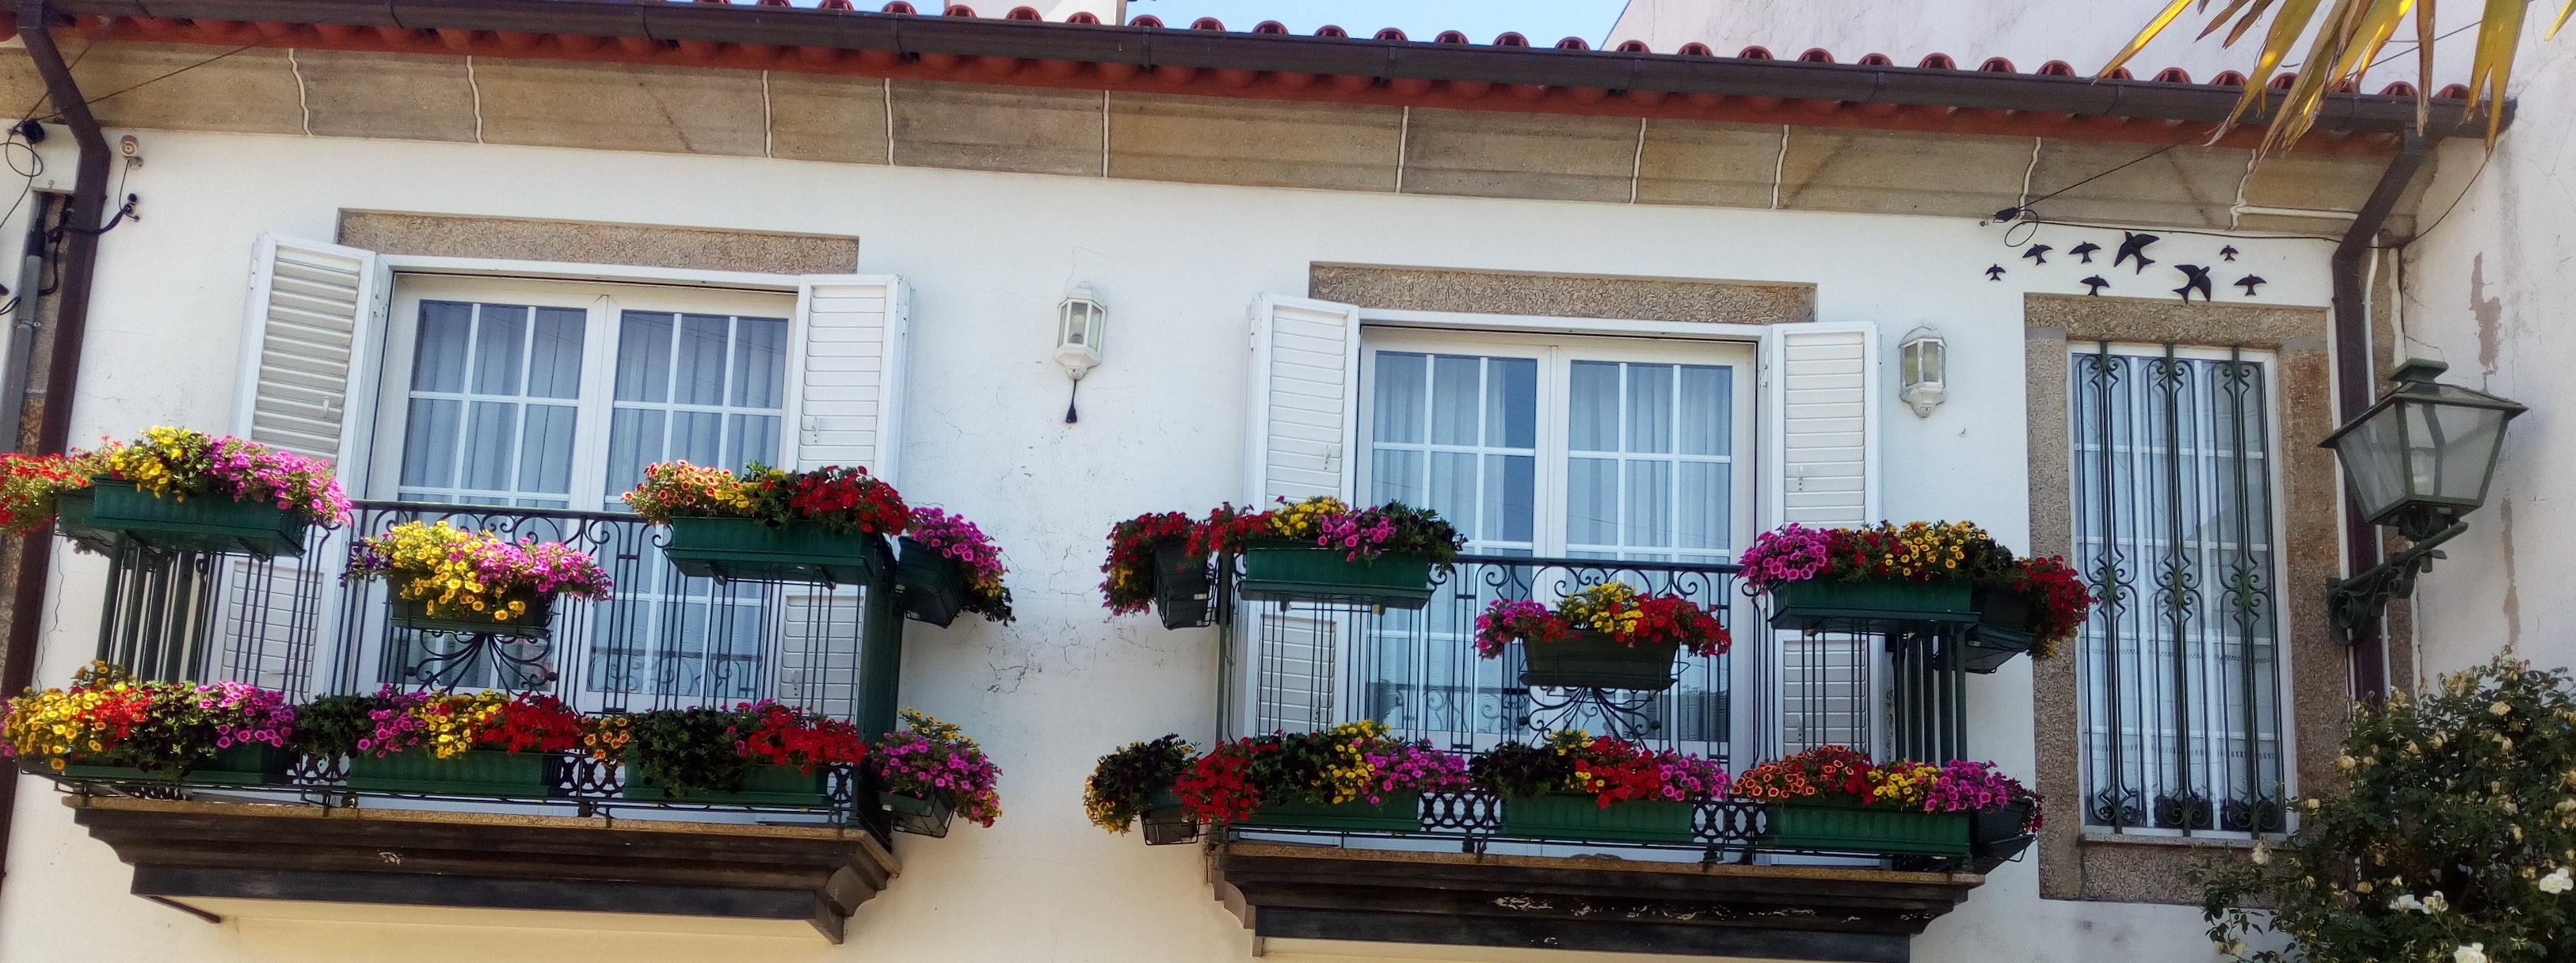 Varandas de António Novo, em Barcelinhos, vencem o concurso Barcelos Florido